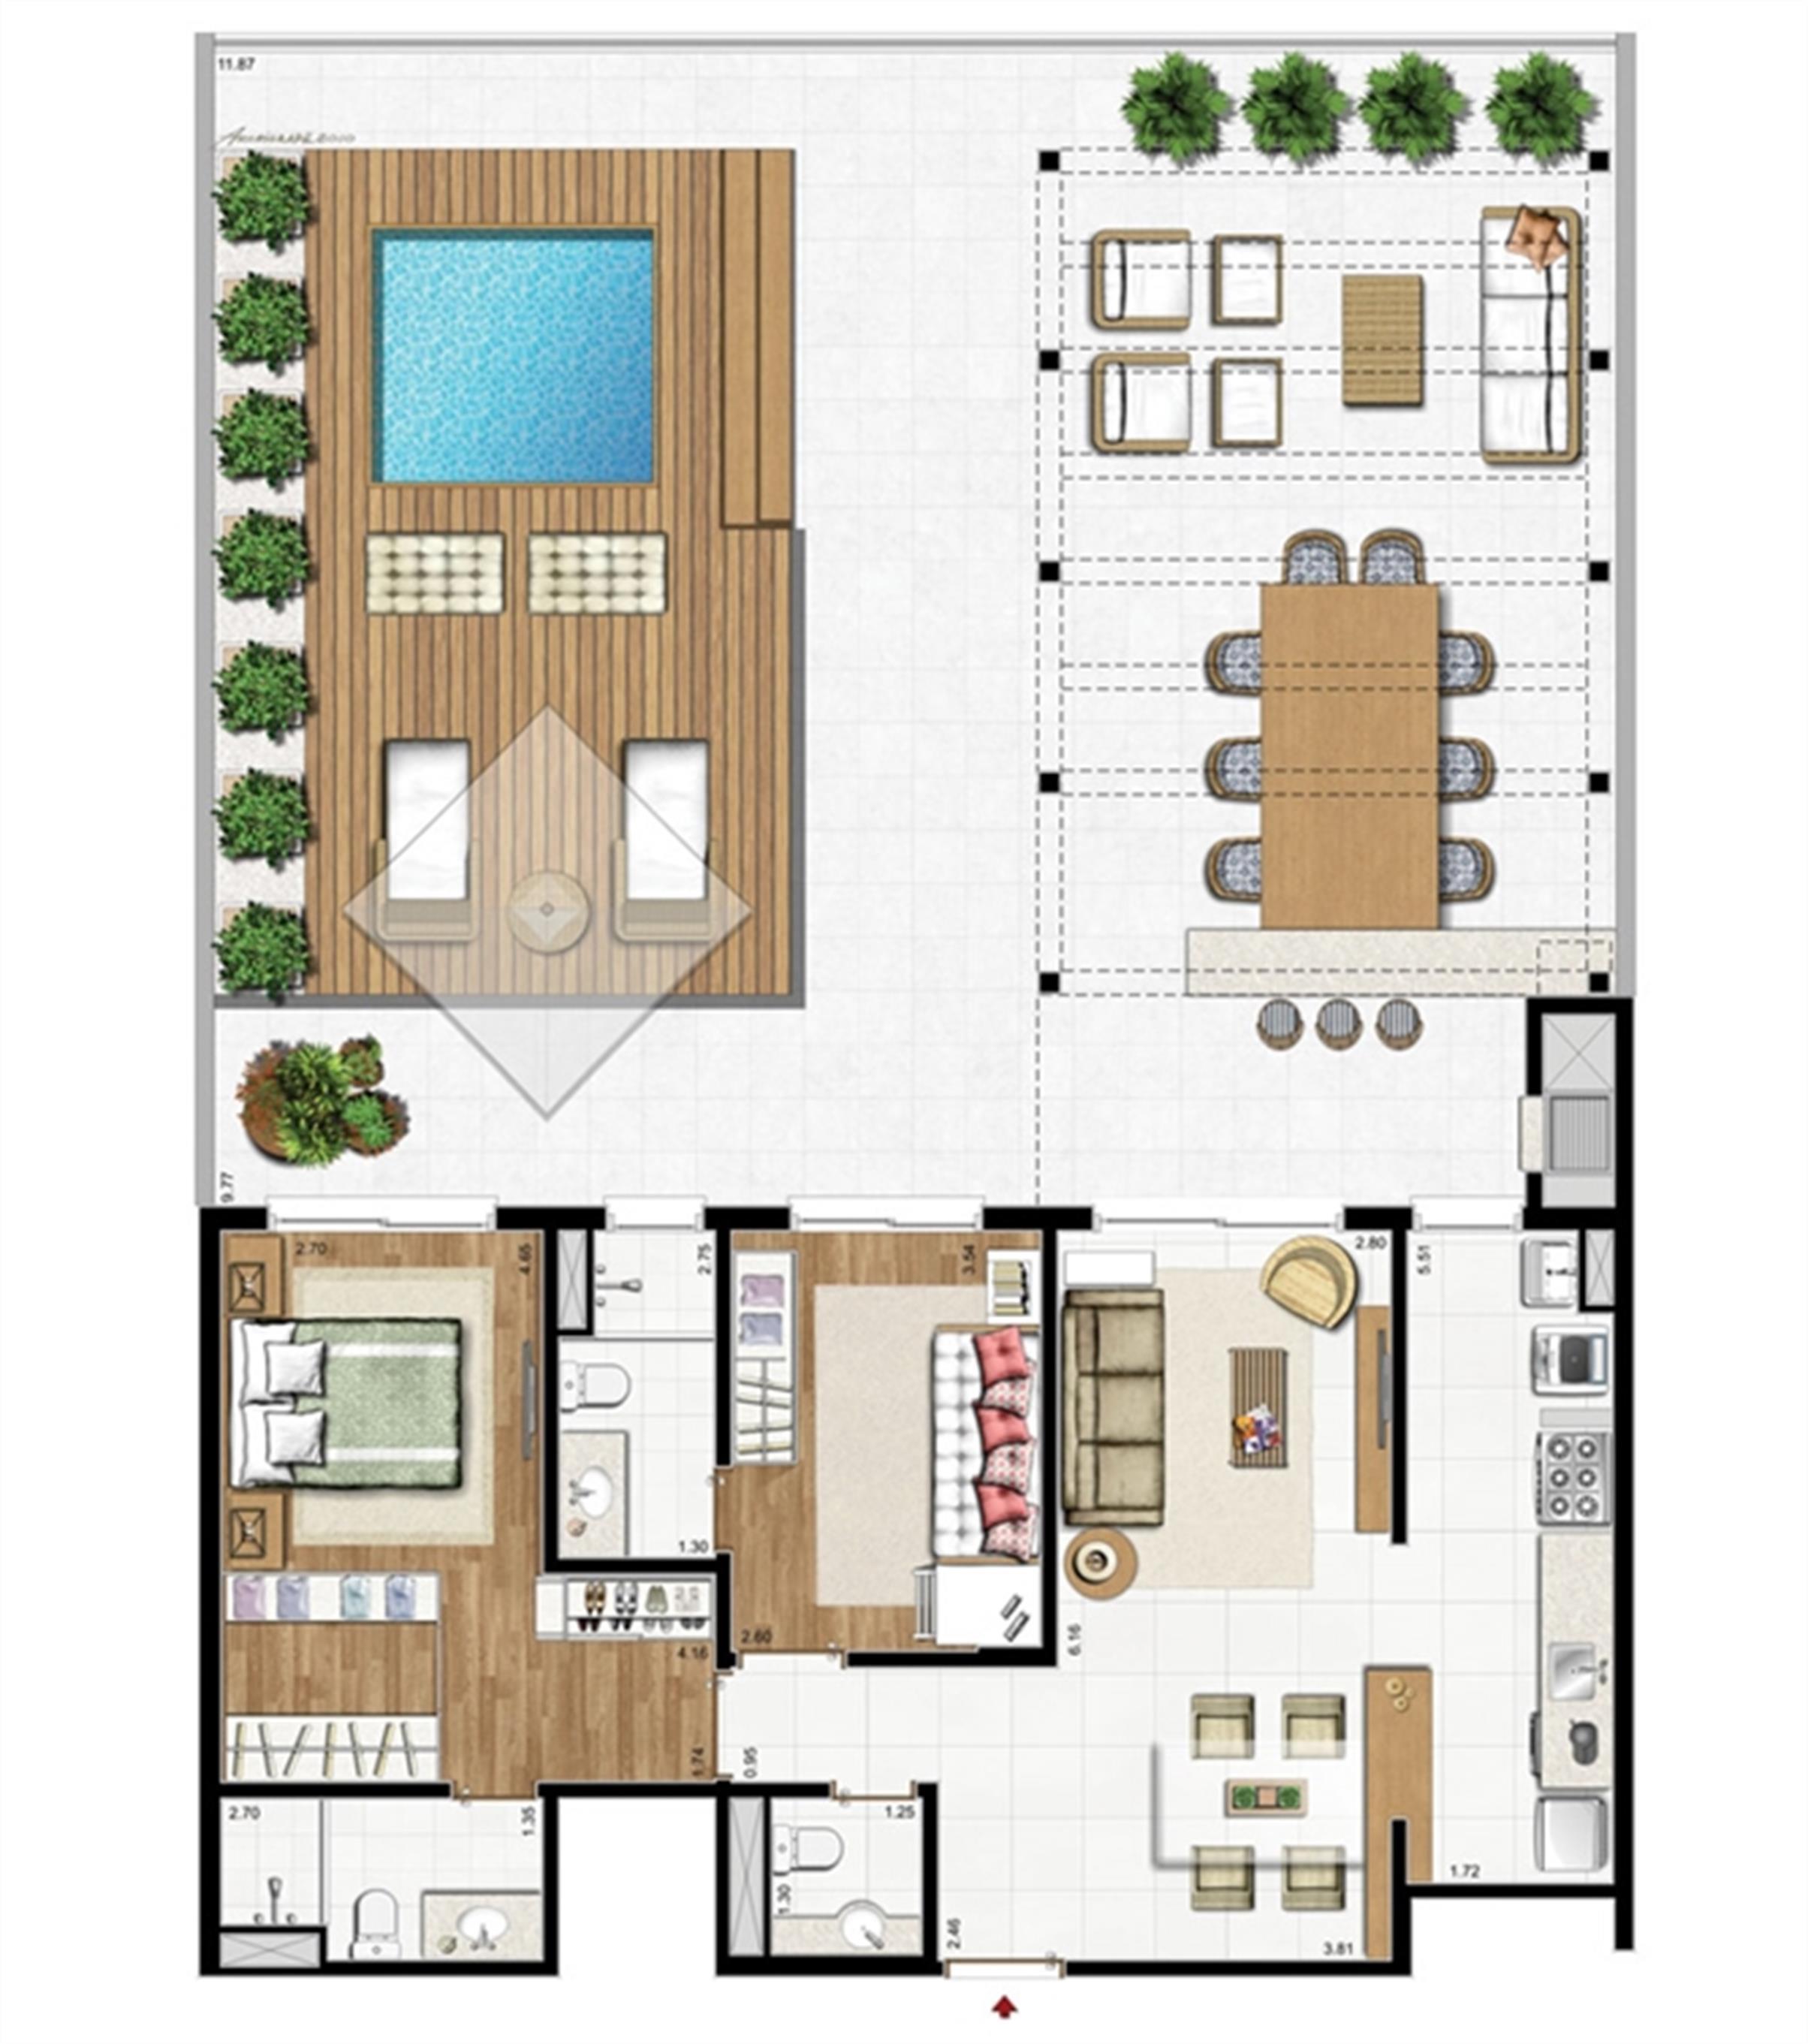 2 suítes e lavabo – Apto. garden - Planta padrão  195 m² privativos 252 m² de área total   Visionnaire – Apartamento no  Abraão - Florianópolis - Santa Catarina